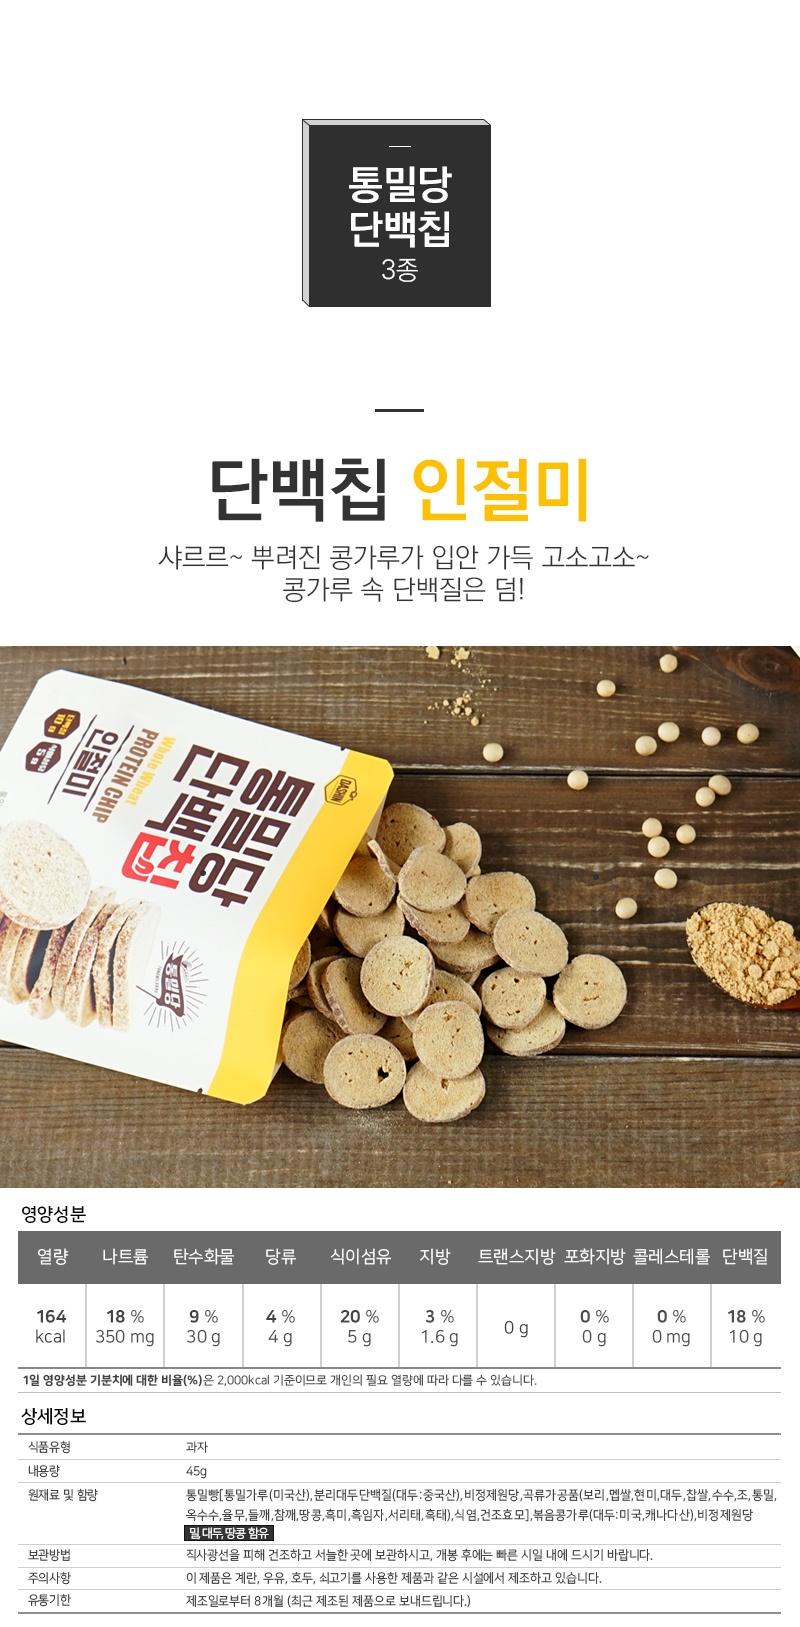 통밀당 단백칩 5종 체험단 모집 (12.14~12.23)